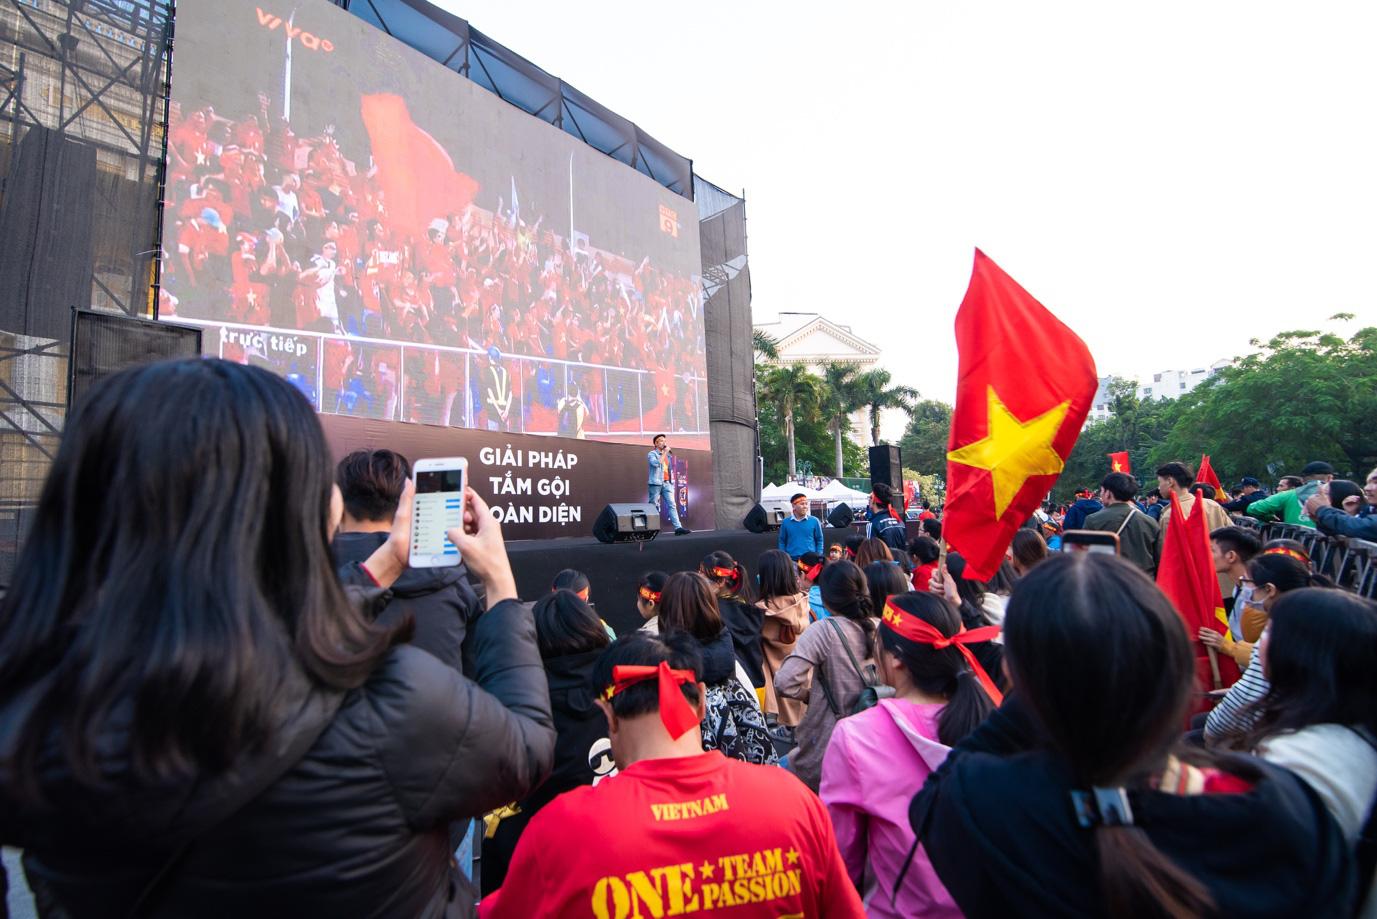 Tối nay, Hà Nội mở đại tiệc bóng đá trước Nhà hát Lớn, chờ U22 bất bại rinh vàng lịch sử! - Ảnh 4.